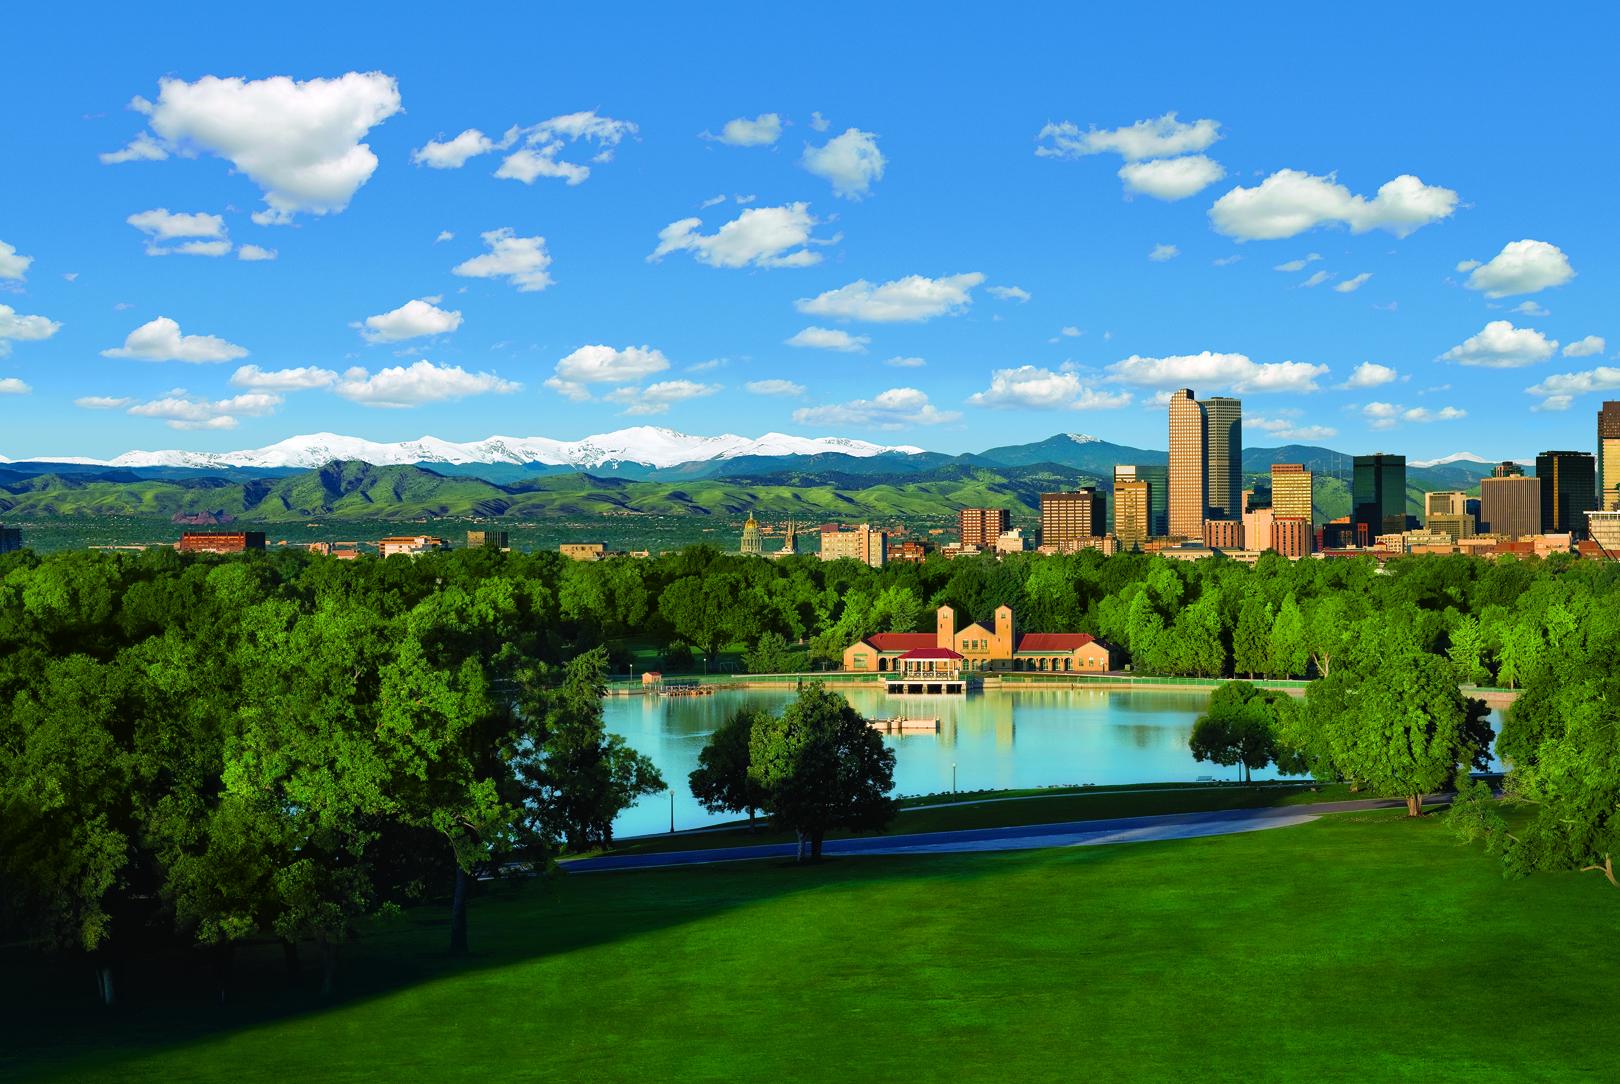 DenverSkyline_CityPark_CreditVISITDENVER.jpg